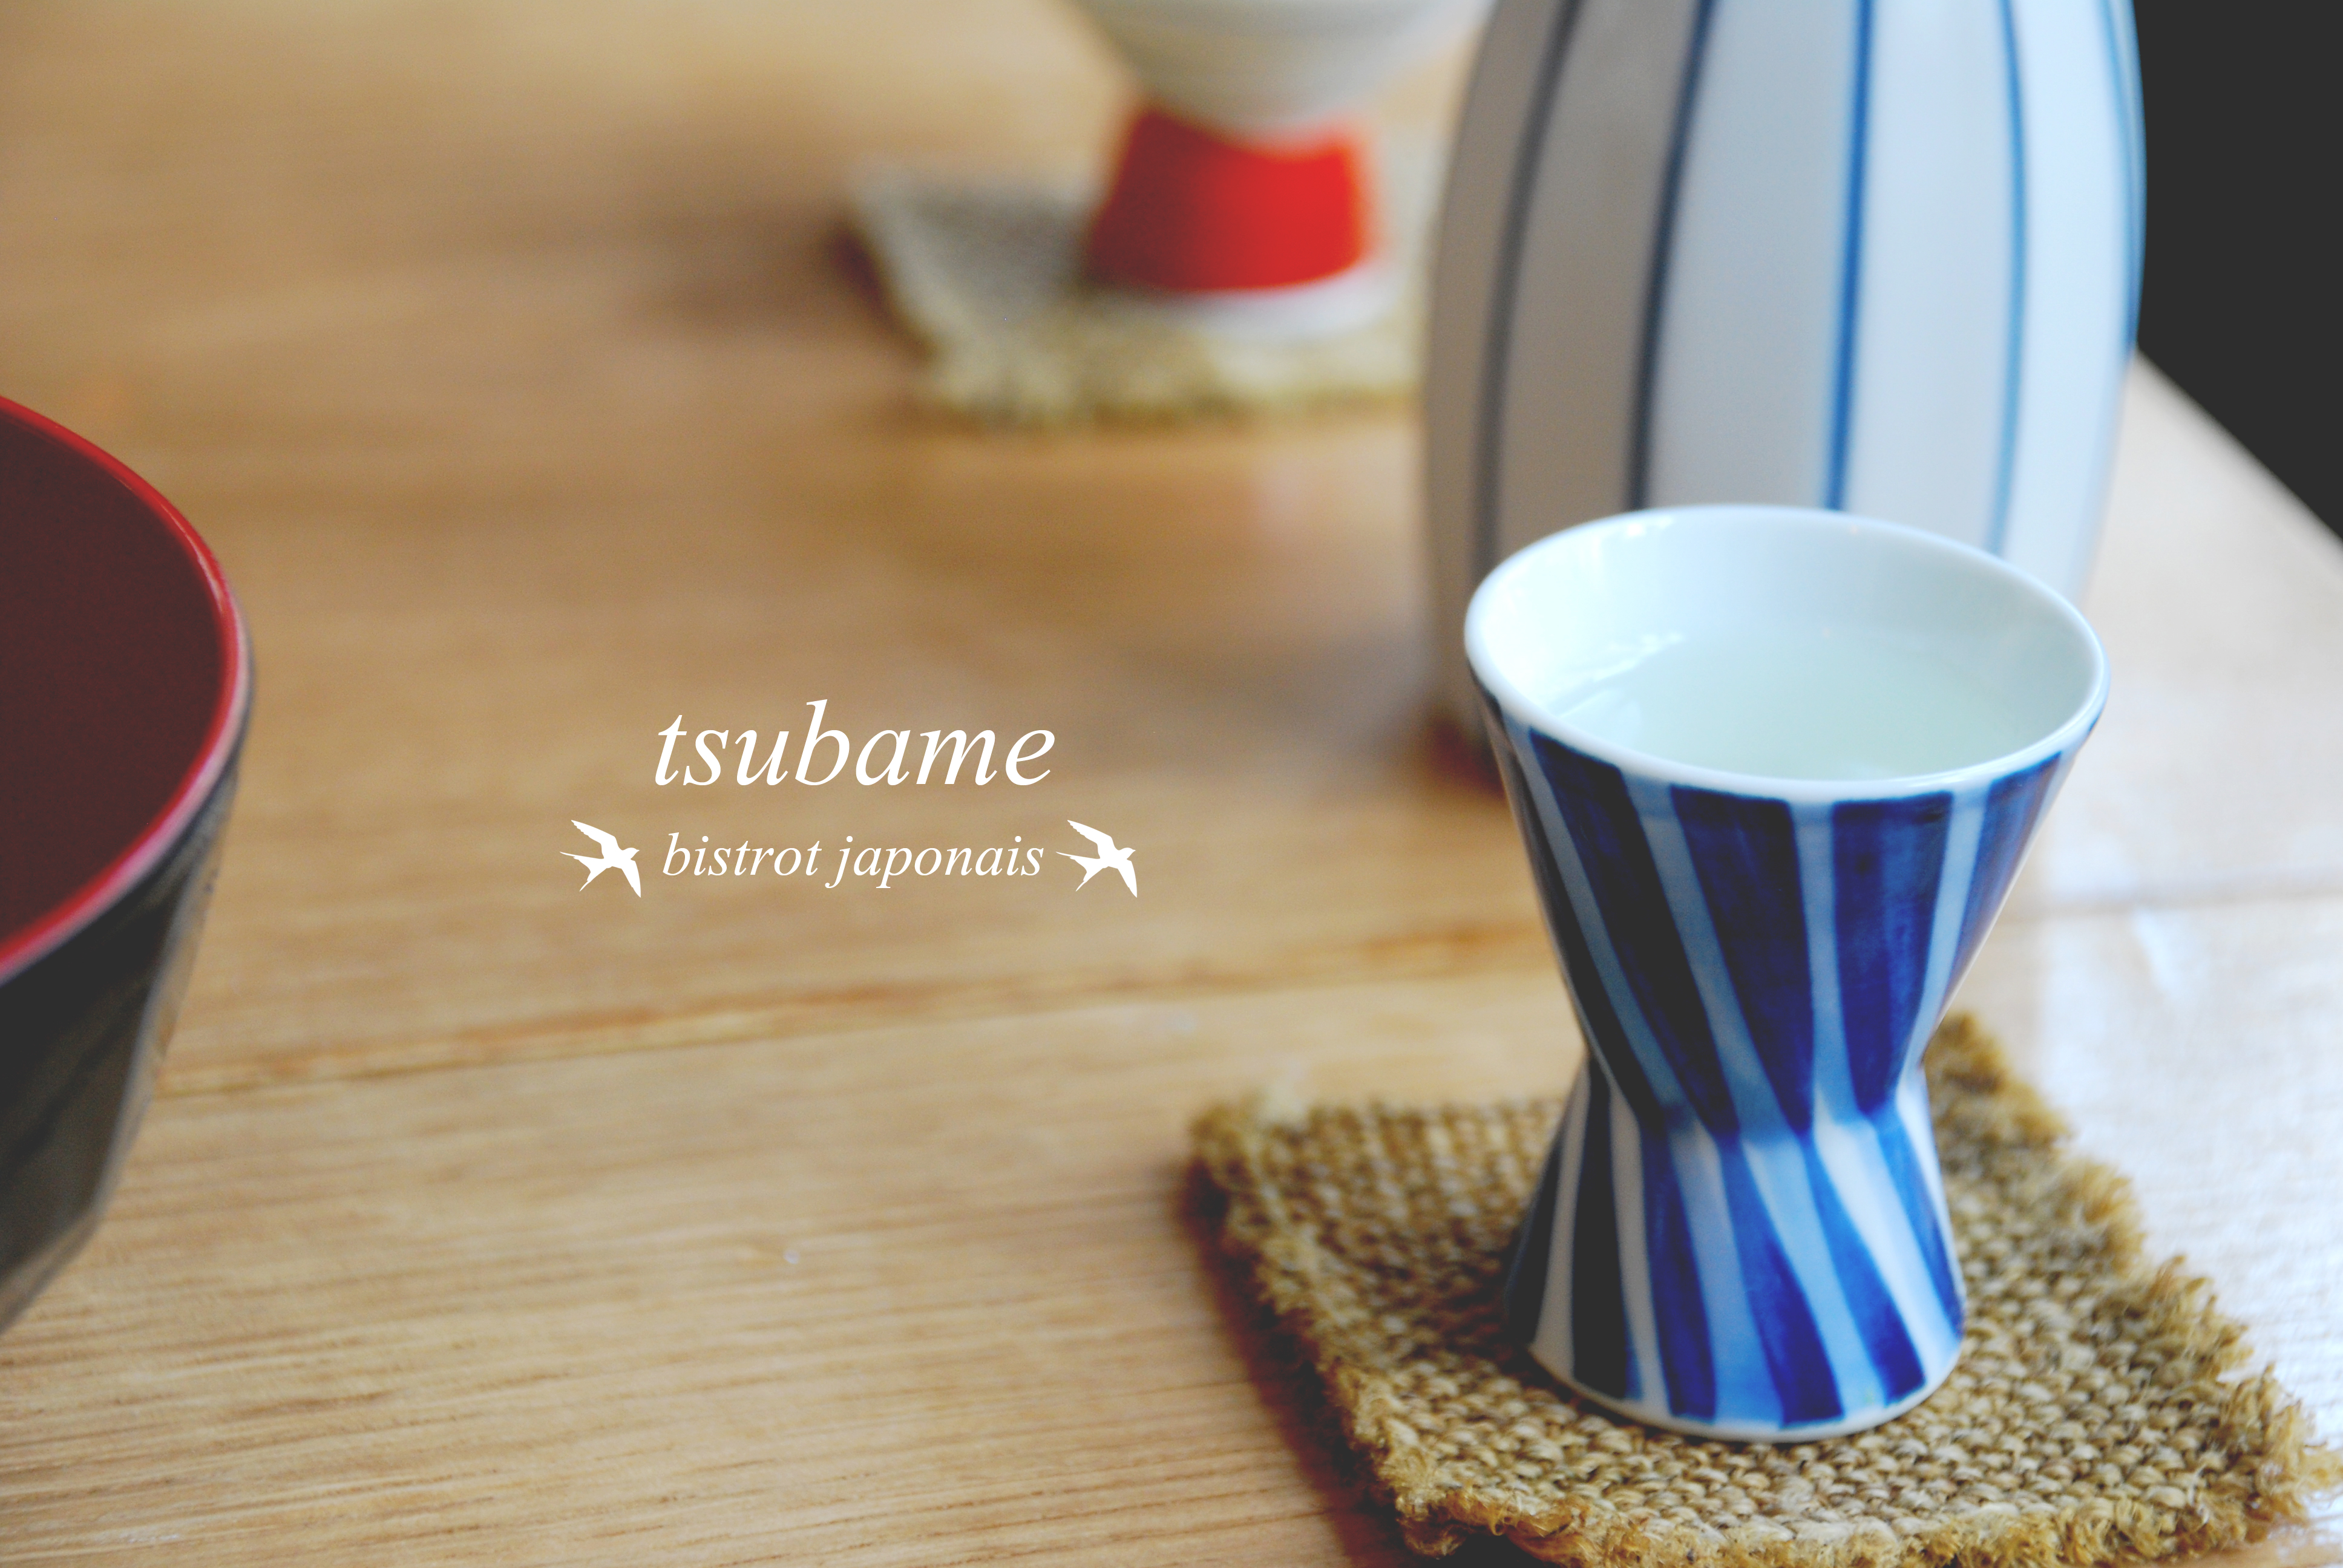 tsubame-bistrot-japonais-paris-9-by-le-polyedre_4